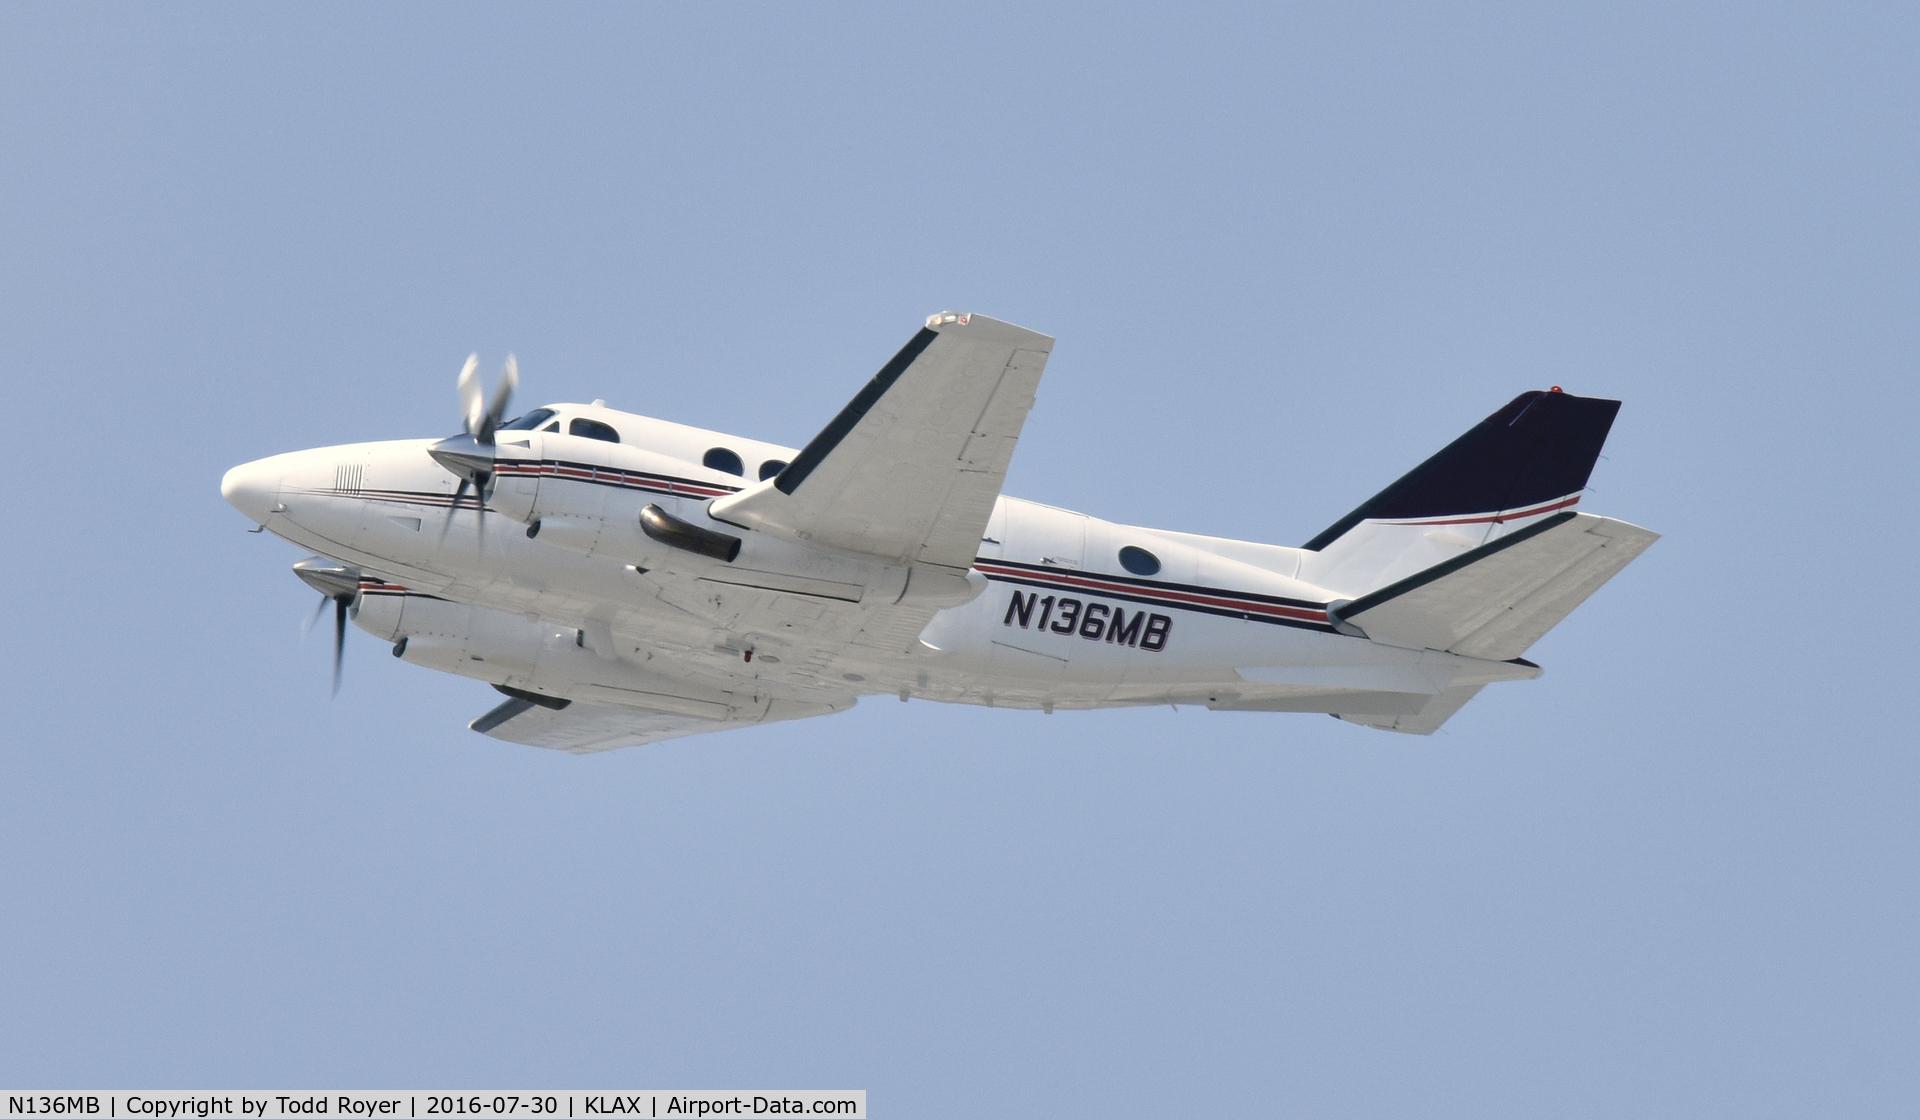 N136MB, 1978 Beech B100 C/N BE-50, Departing LAX